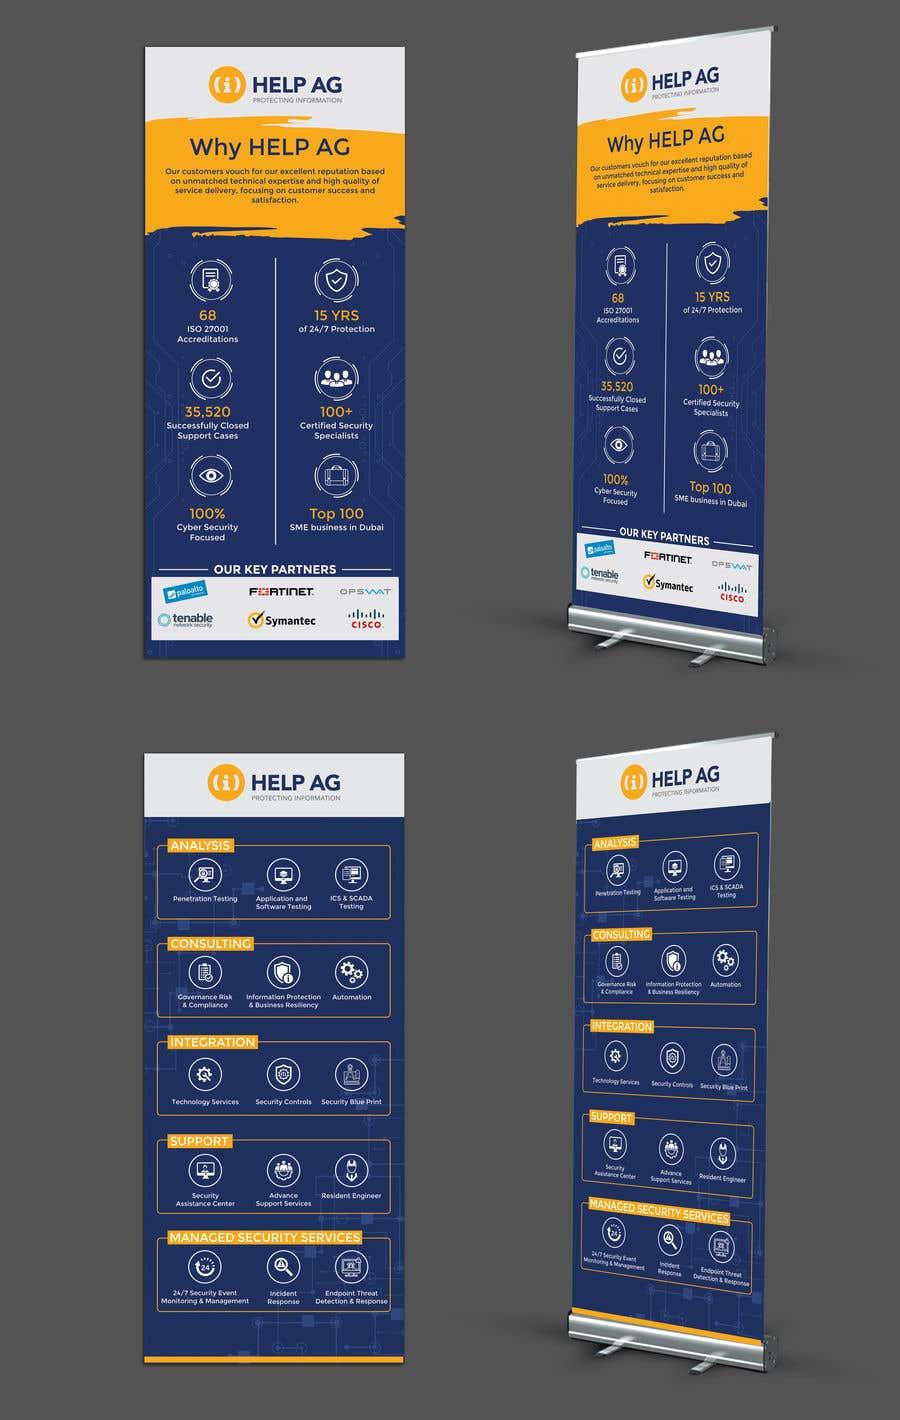 Penyertaan Peraduan #27 untuk Design 2 roll up banners